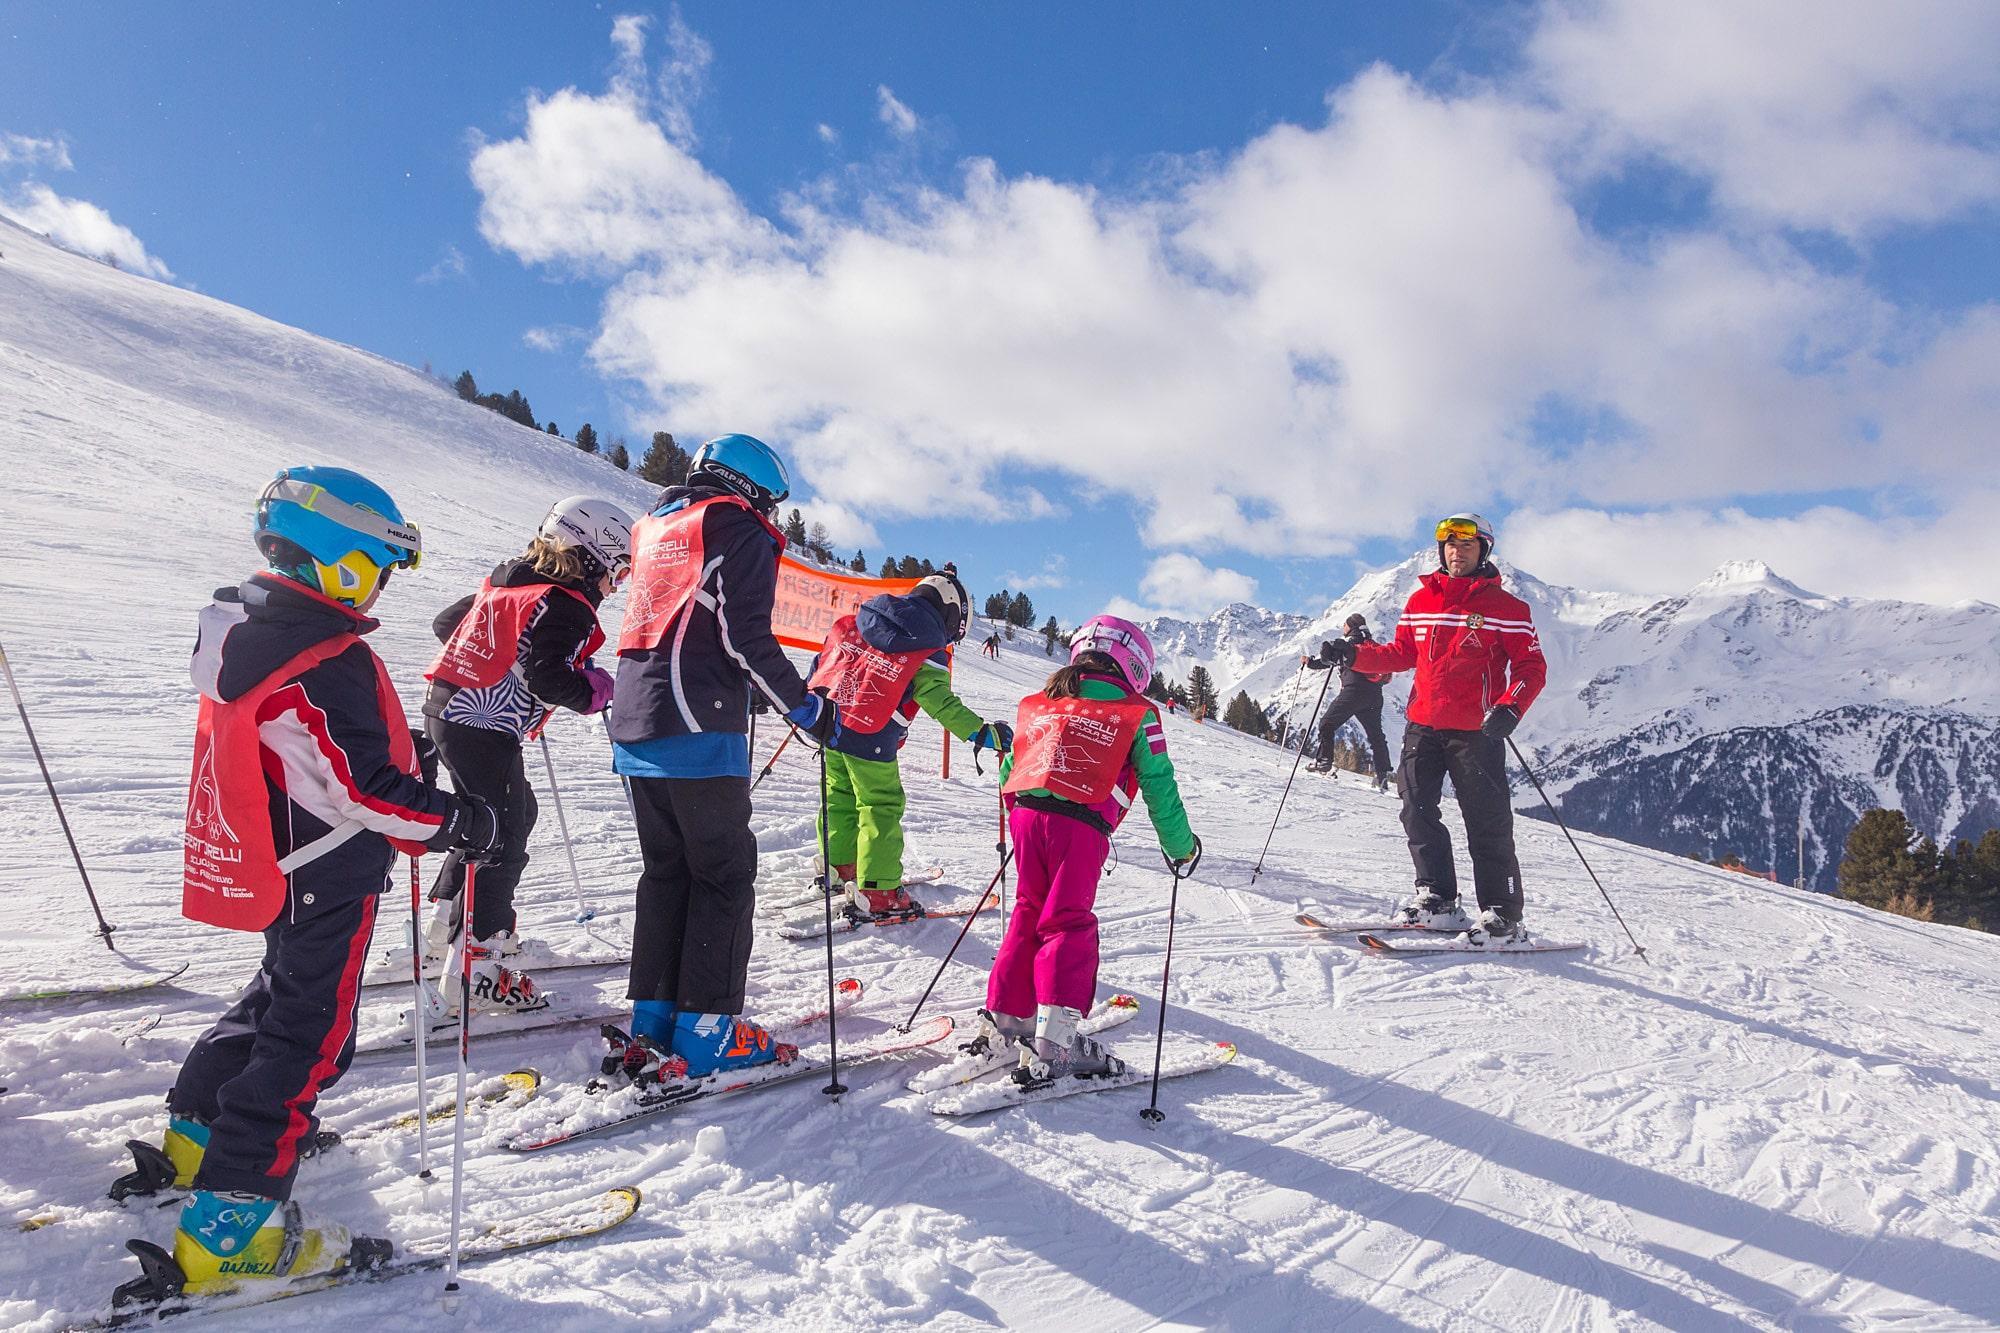 Cours de ski pour Enfants dès 4 ans - Avec expérience